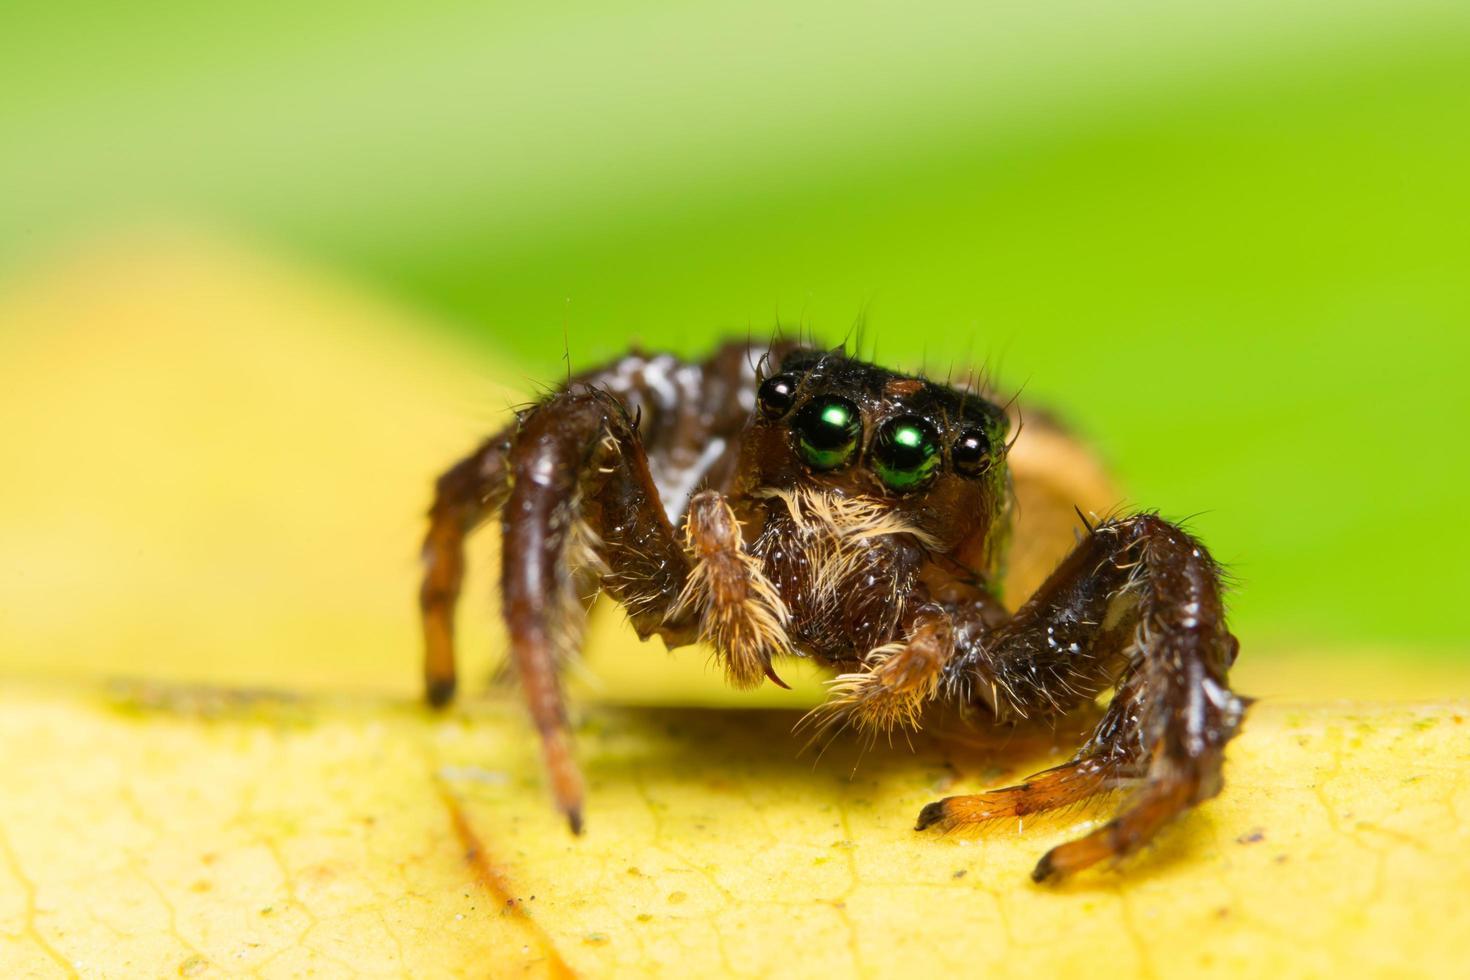 Spinne auf einem gelben Blatt foto